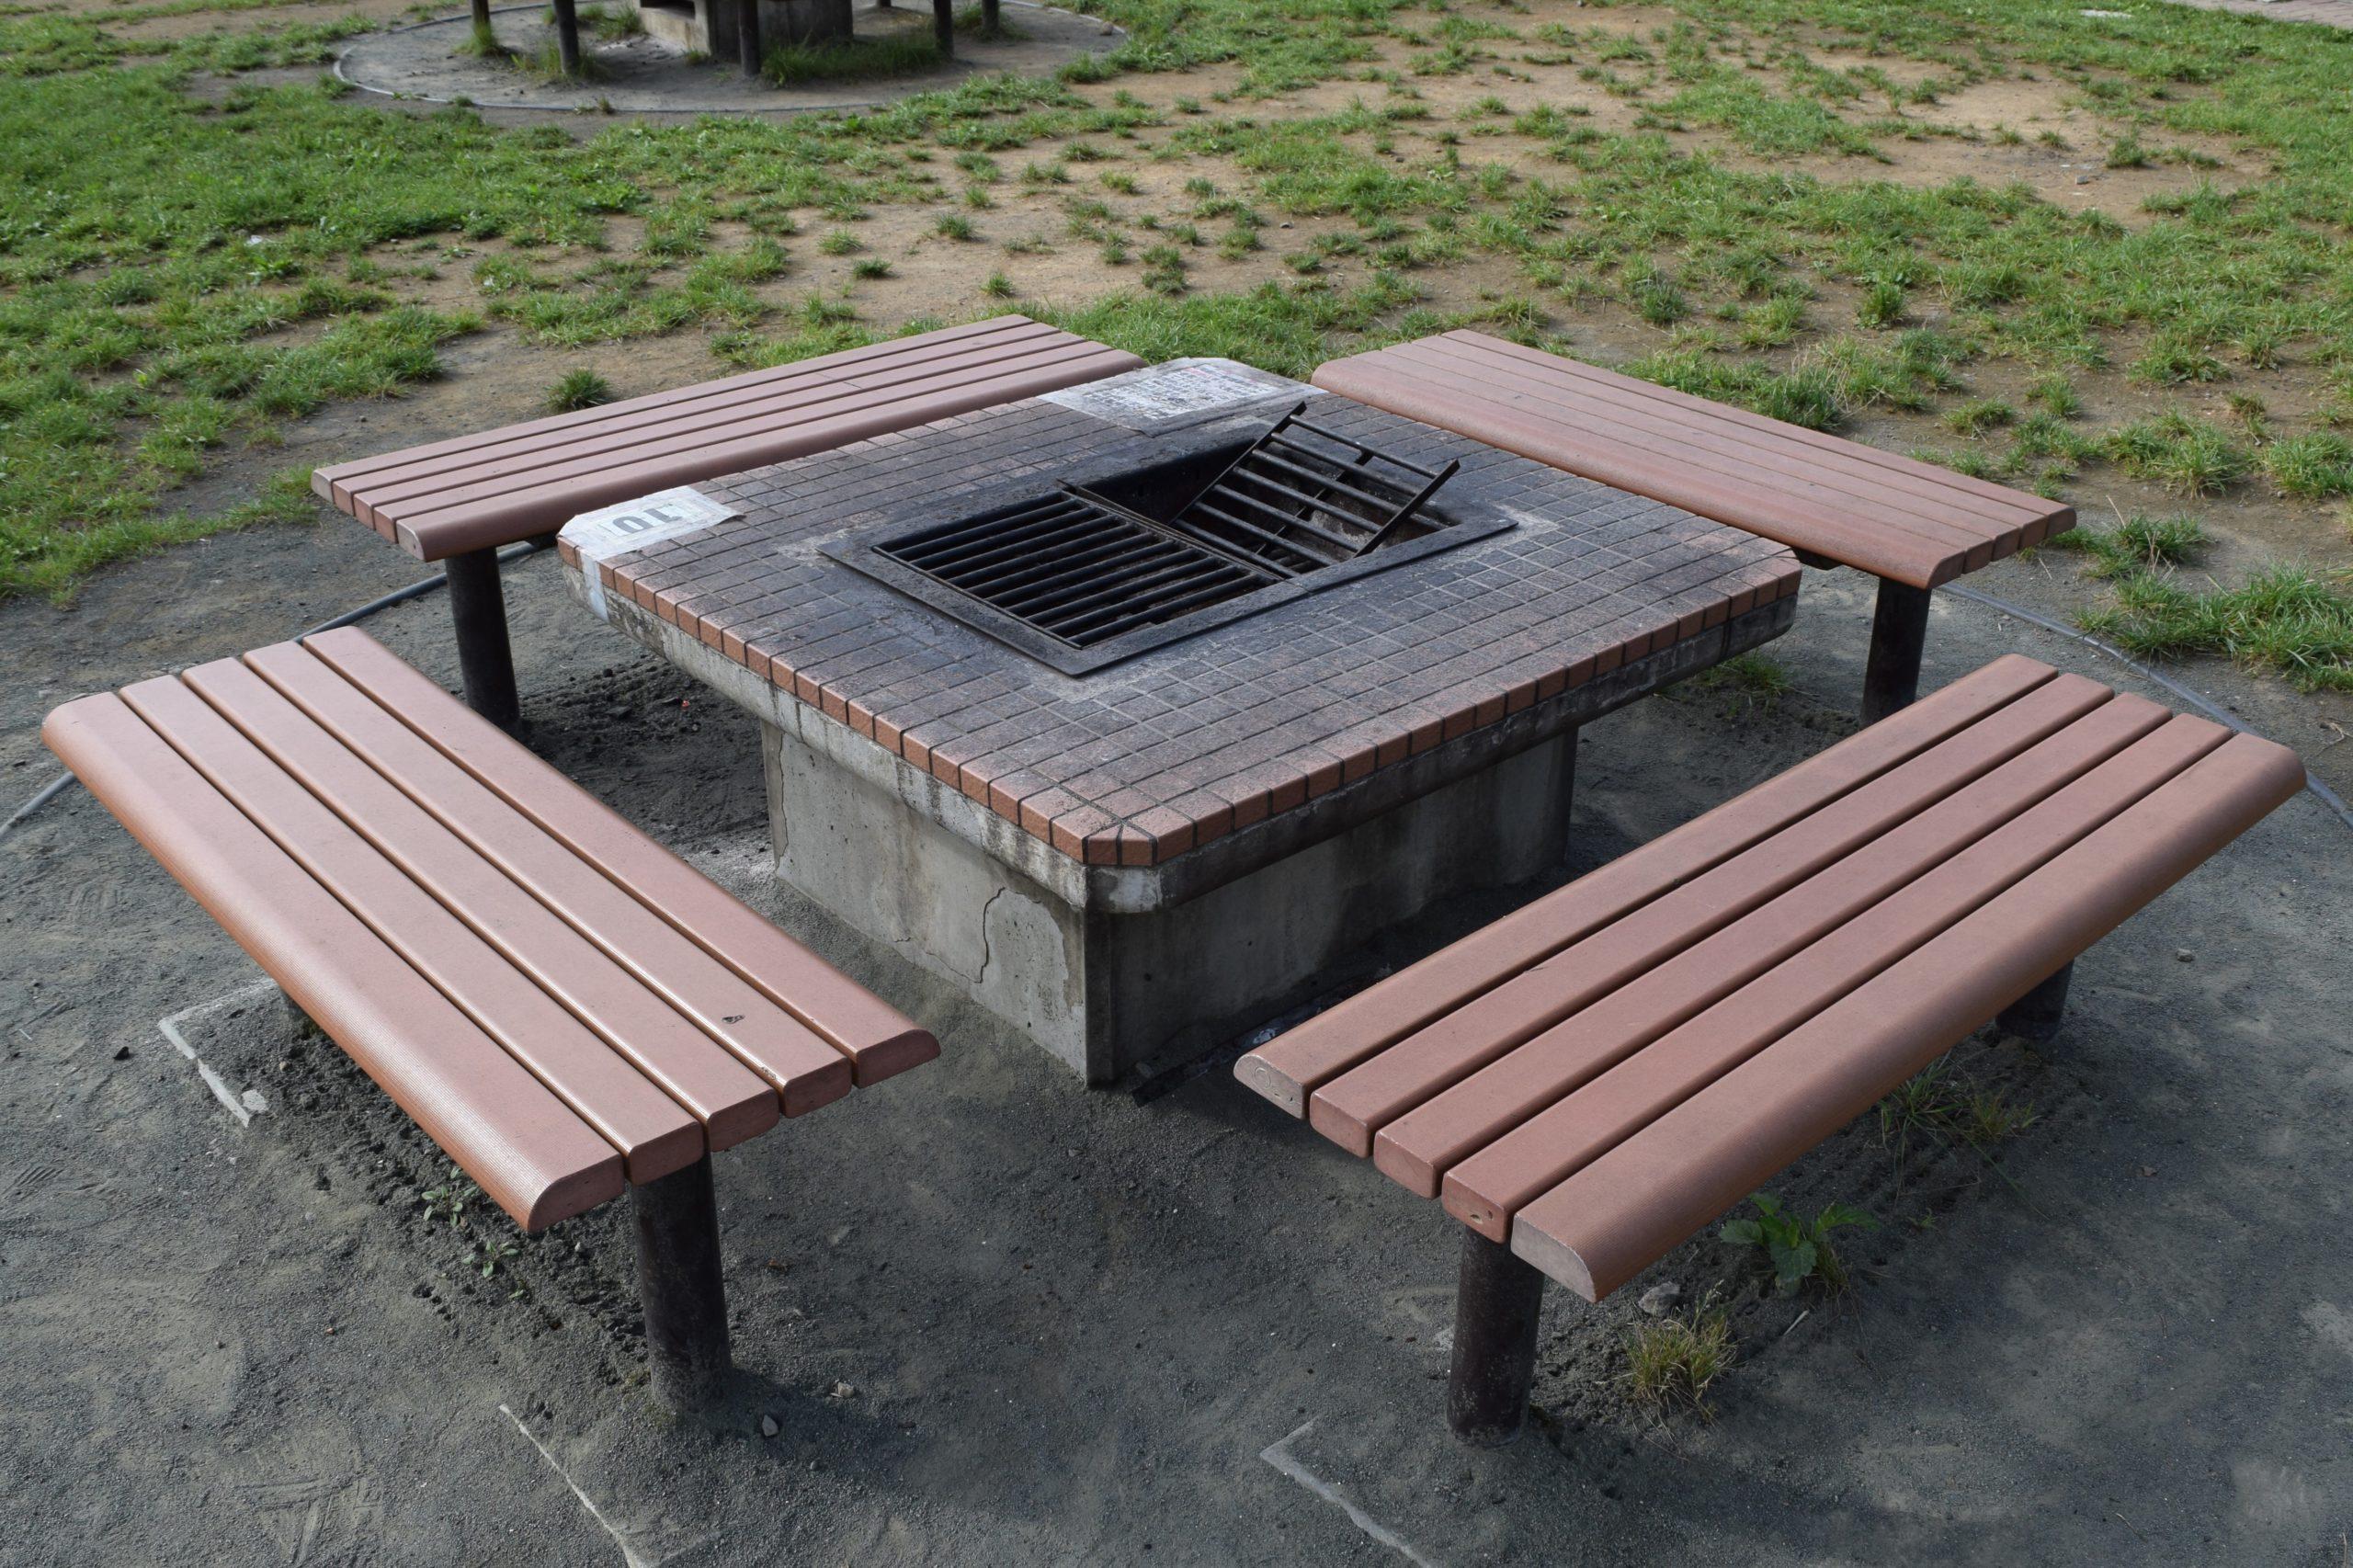 札幌市内でバーベキューができる炊事広場がある公園・緑地の一覧